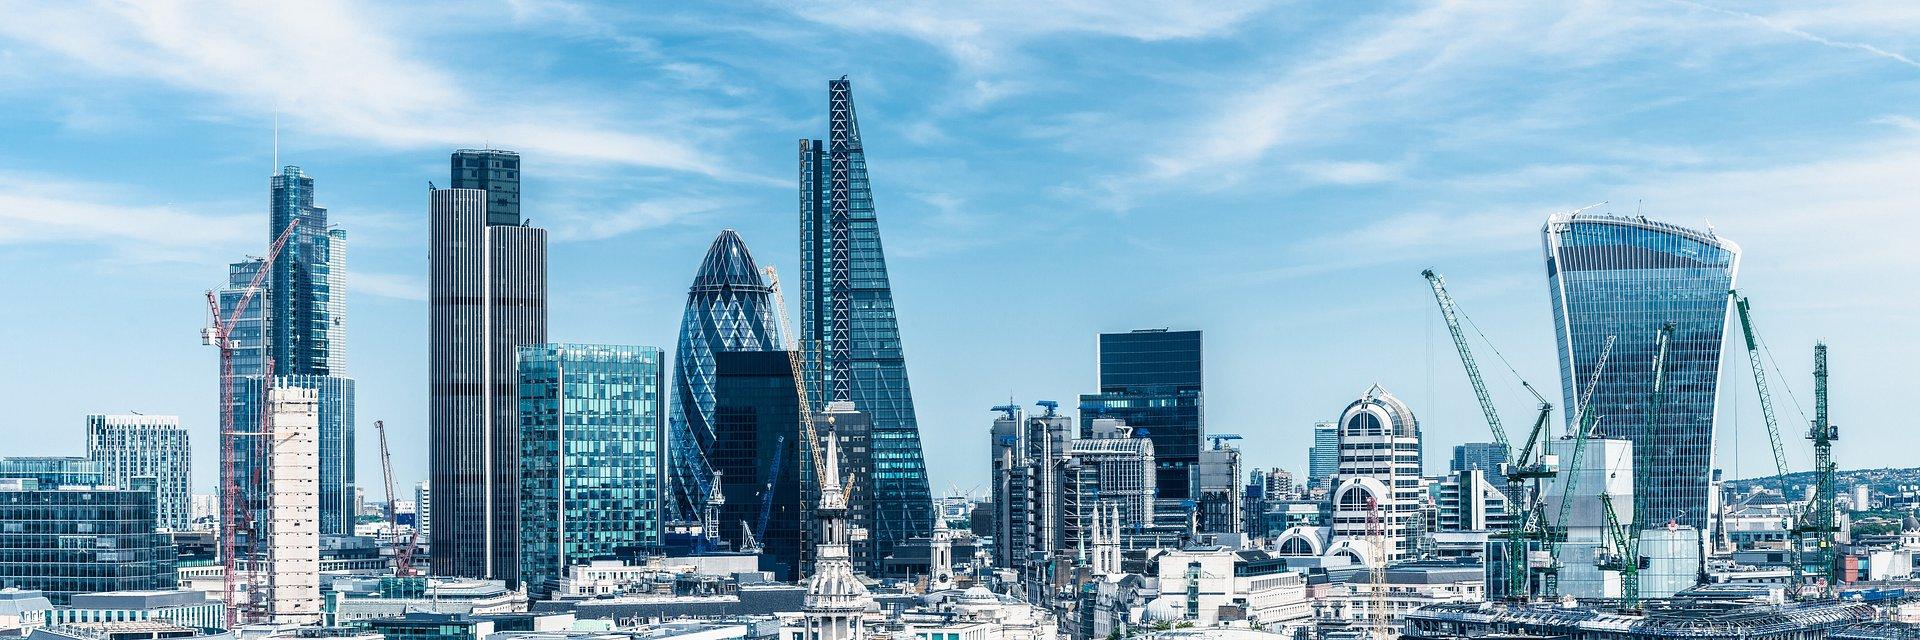 BGK otworzył w Londynie trzecie zagraniczne przedstawicielstwo